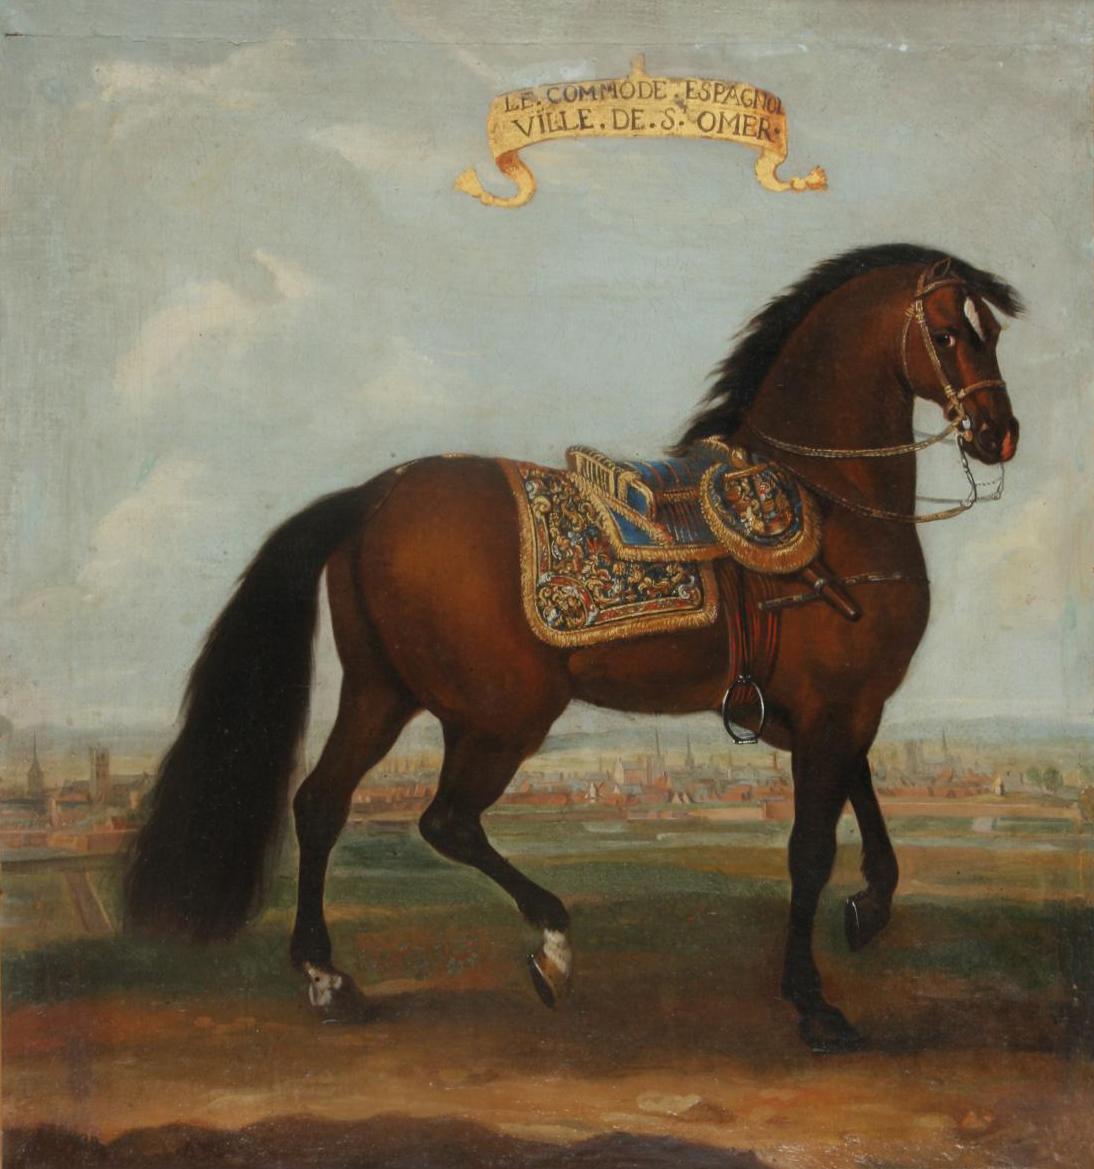 Horses at Versailles | Palace of Versailles